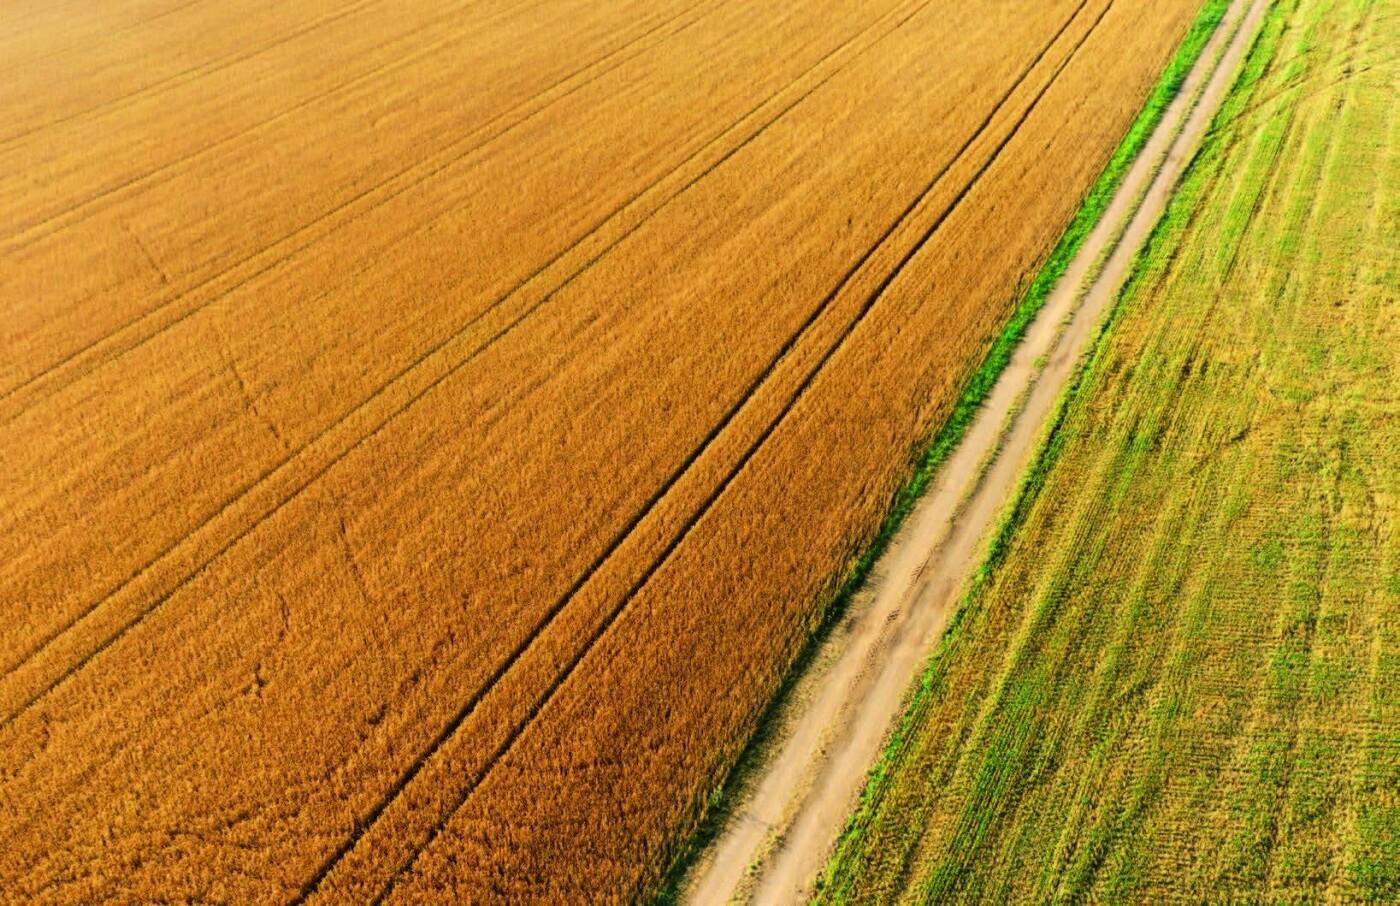 Мішки зерна замість грошей: чому мораторій на продаж землі буксує розвиток сіл Волині, фото-1